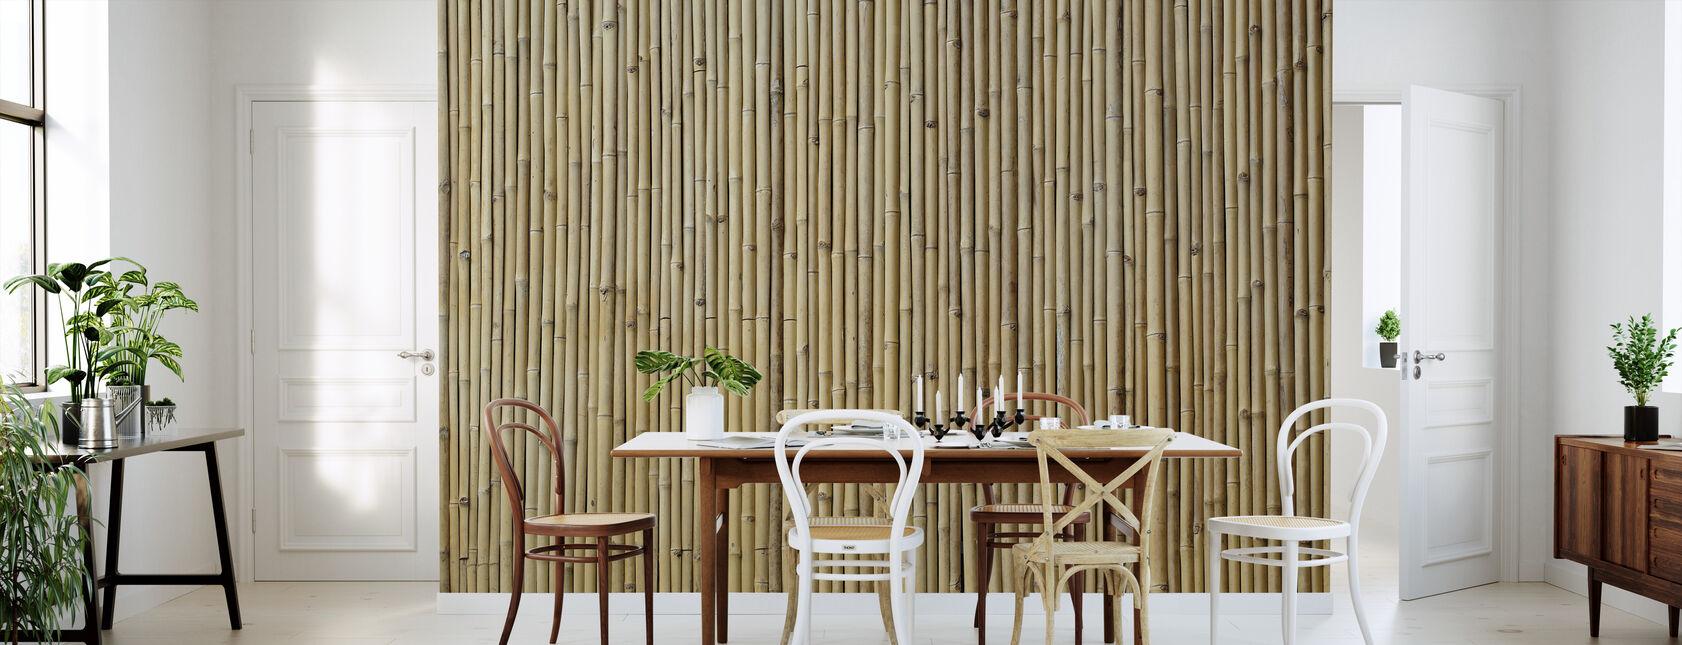 Bambu rakenne - Tapetti - Keittiö